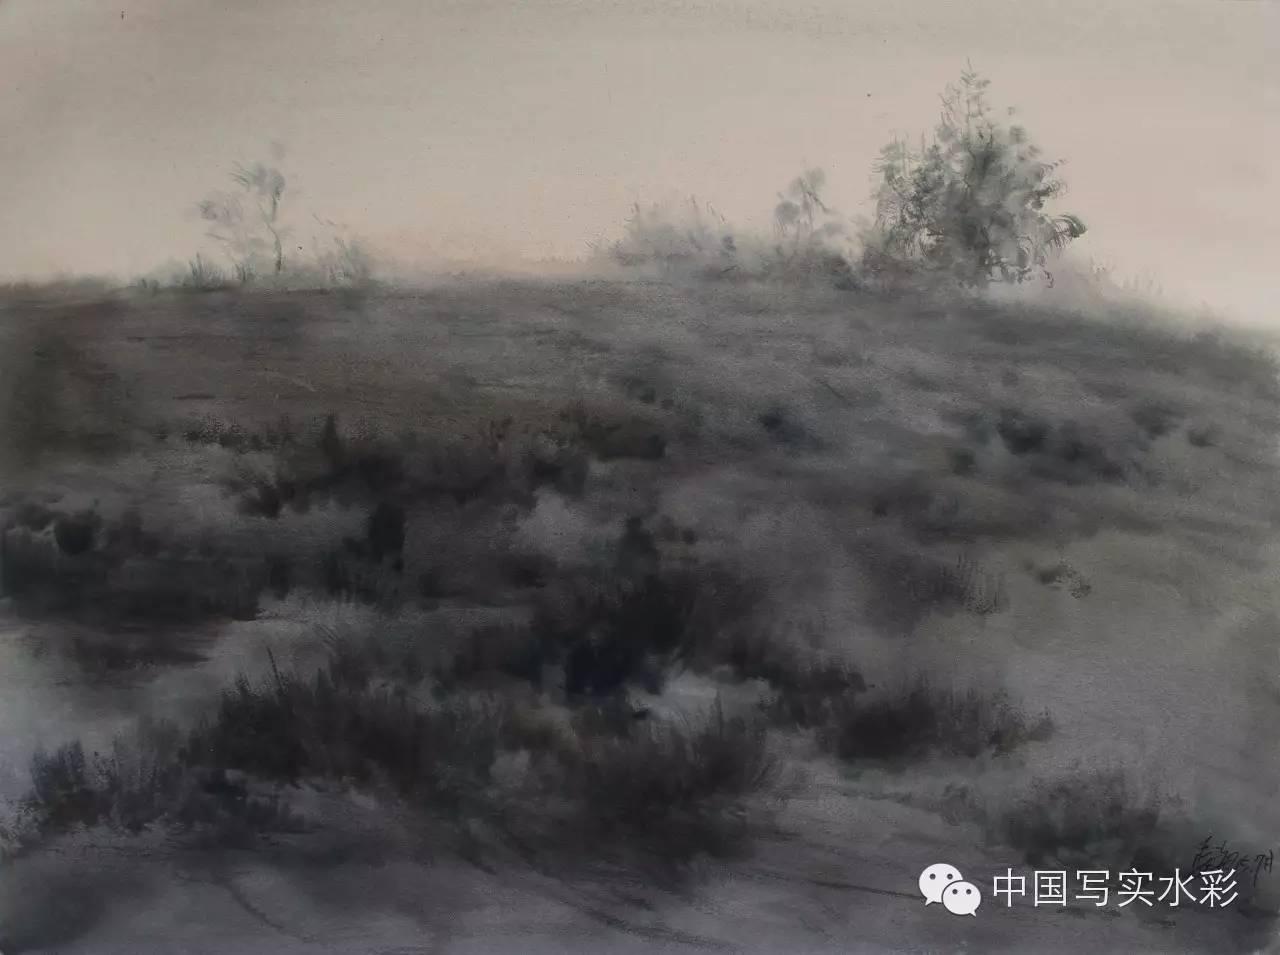 中国写实水彩第一回展——参展画家长海作品欣赏 第17张